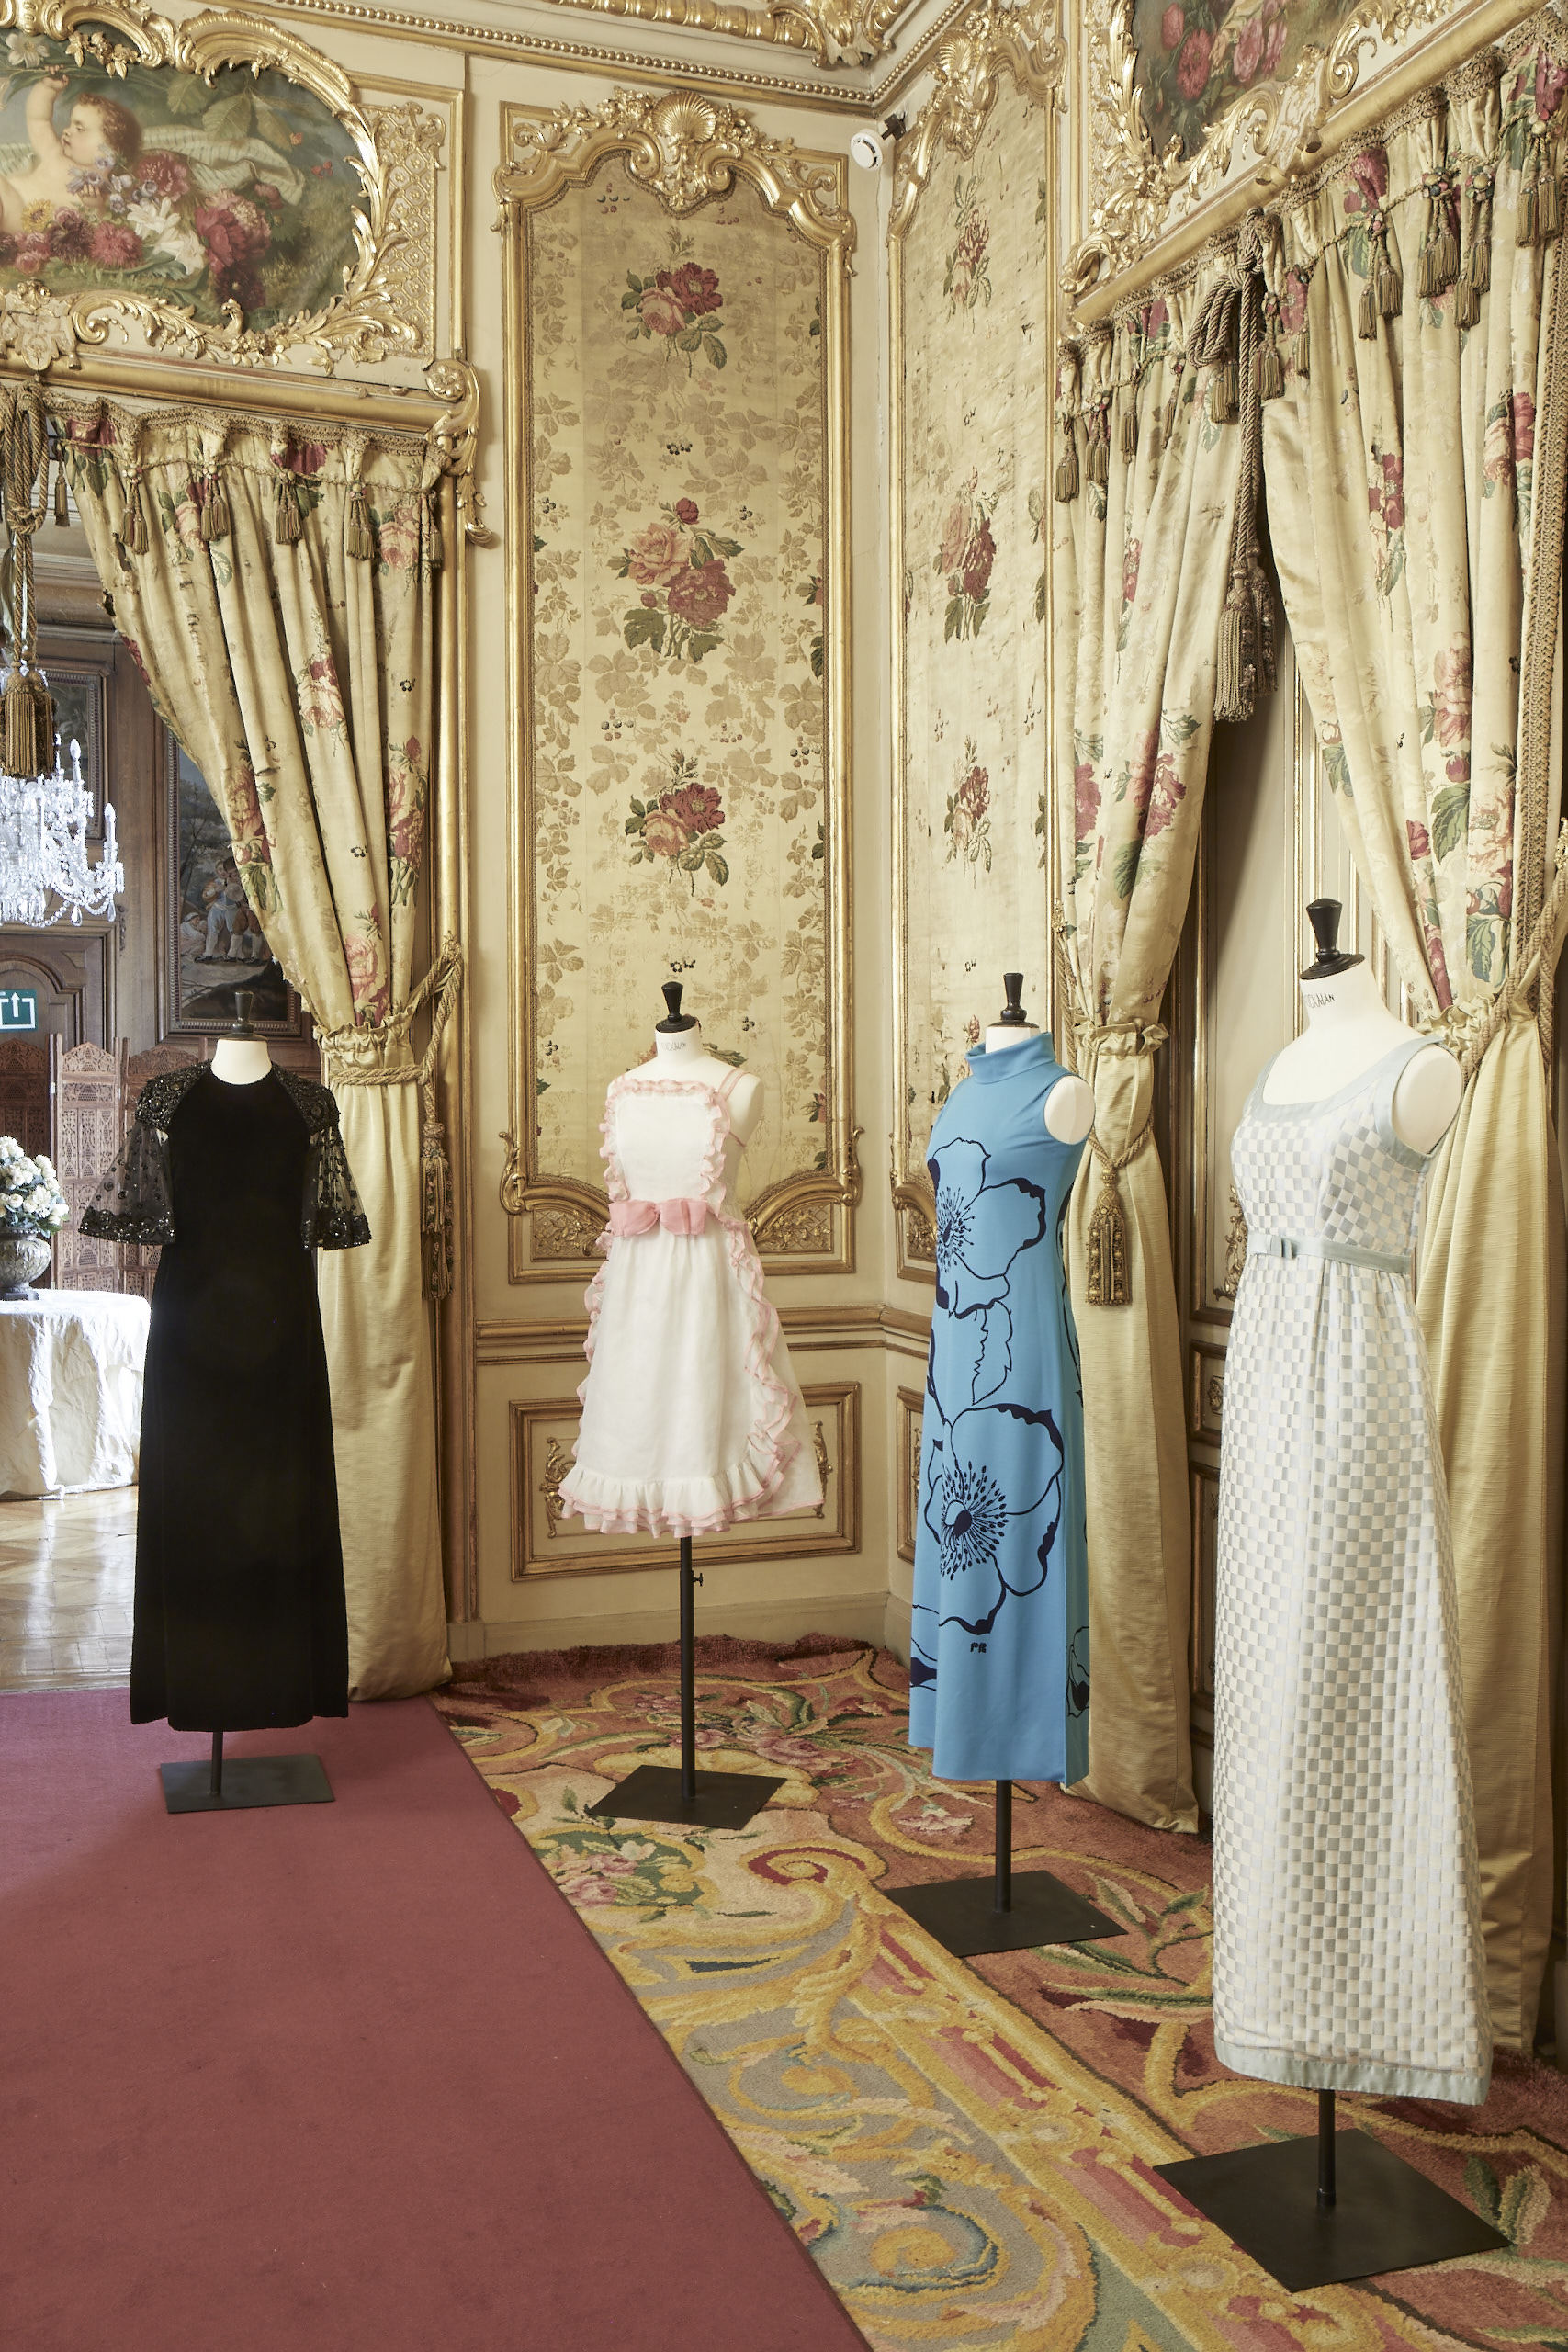 Vestidos de Pertegaz, Elio Berhanyer, Pedro Rovira y Pedro Rodríguez, de la colección privada de Lorenzo Caprile.